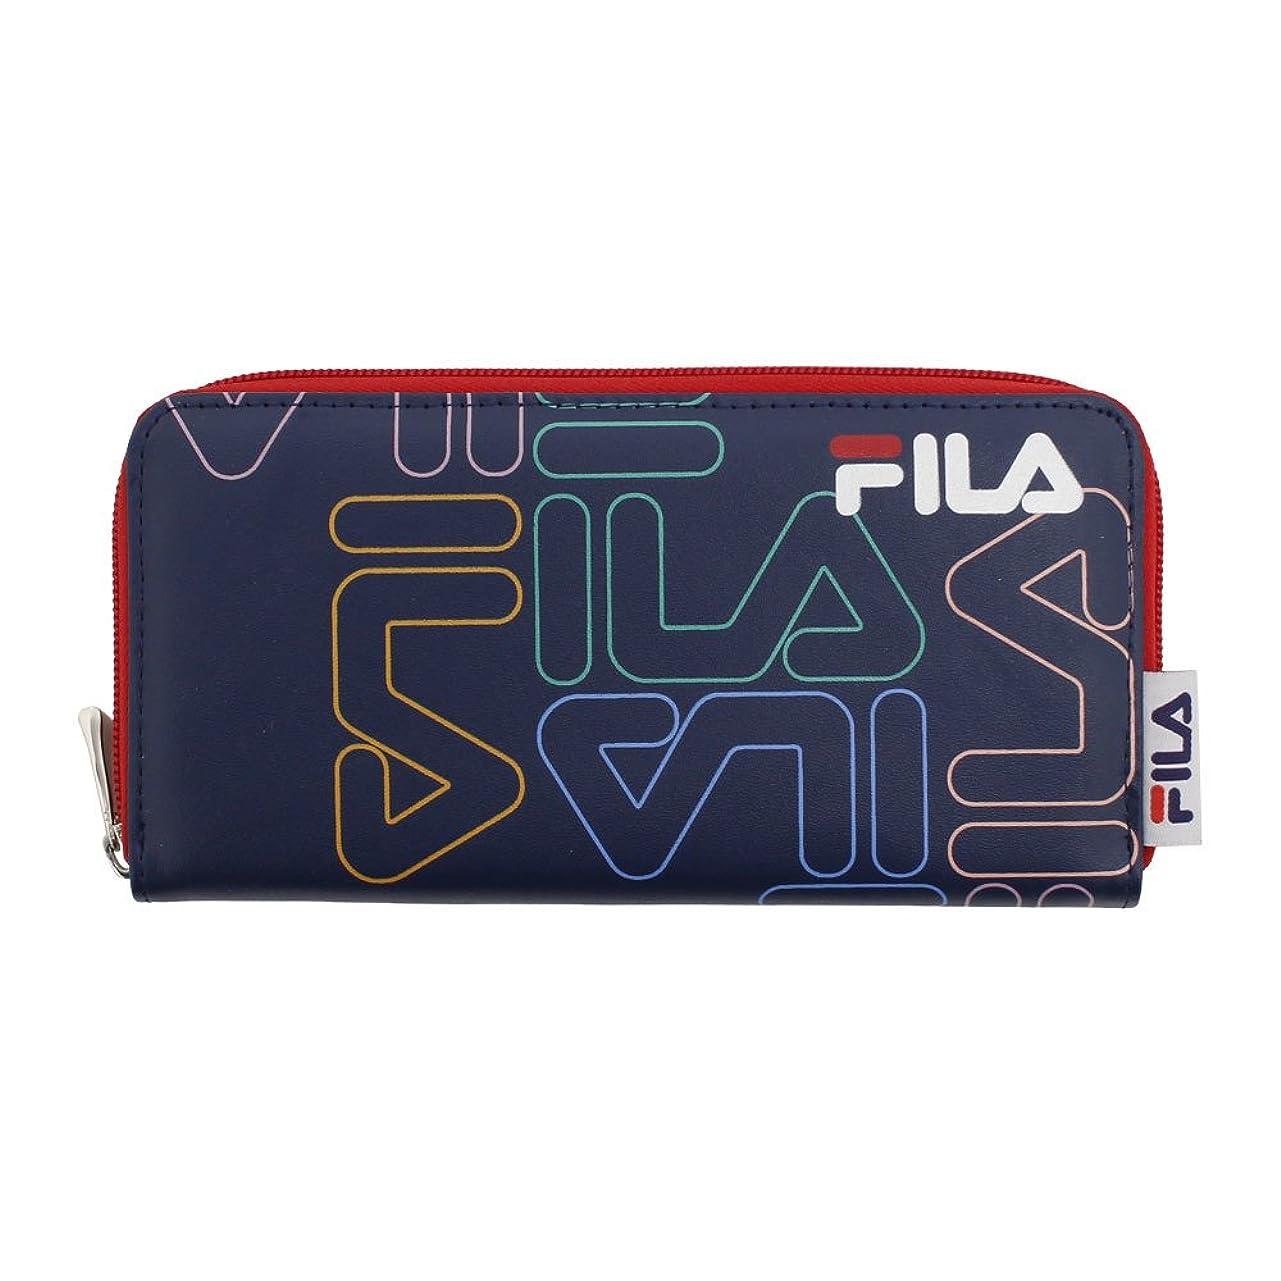 ブローホール献身間に合わせフィラ(フィラ) グラフィック 財布 FLGR001RFT-NVY